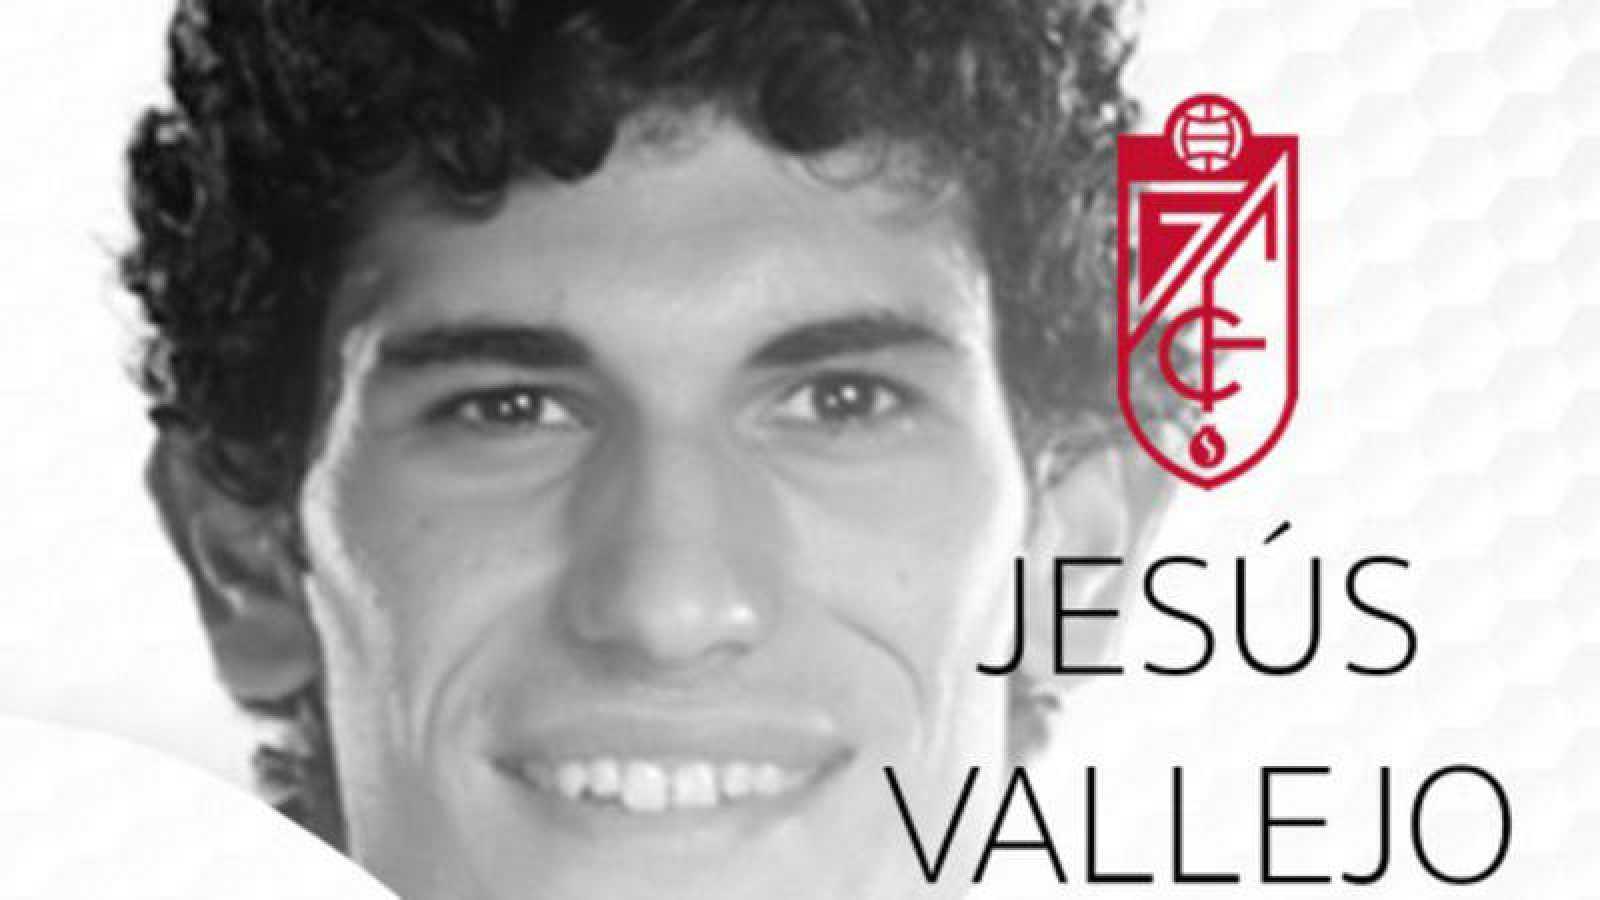 El Granada CF da la bienvenida a su nuevo jugador Jesús Vallejo.